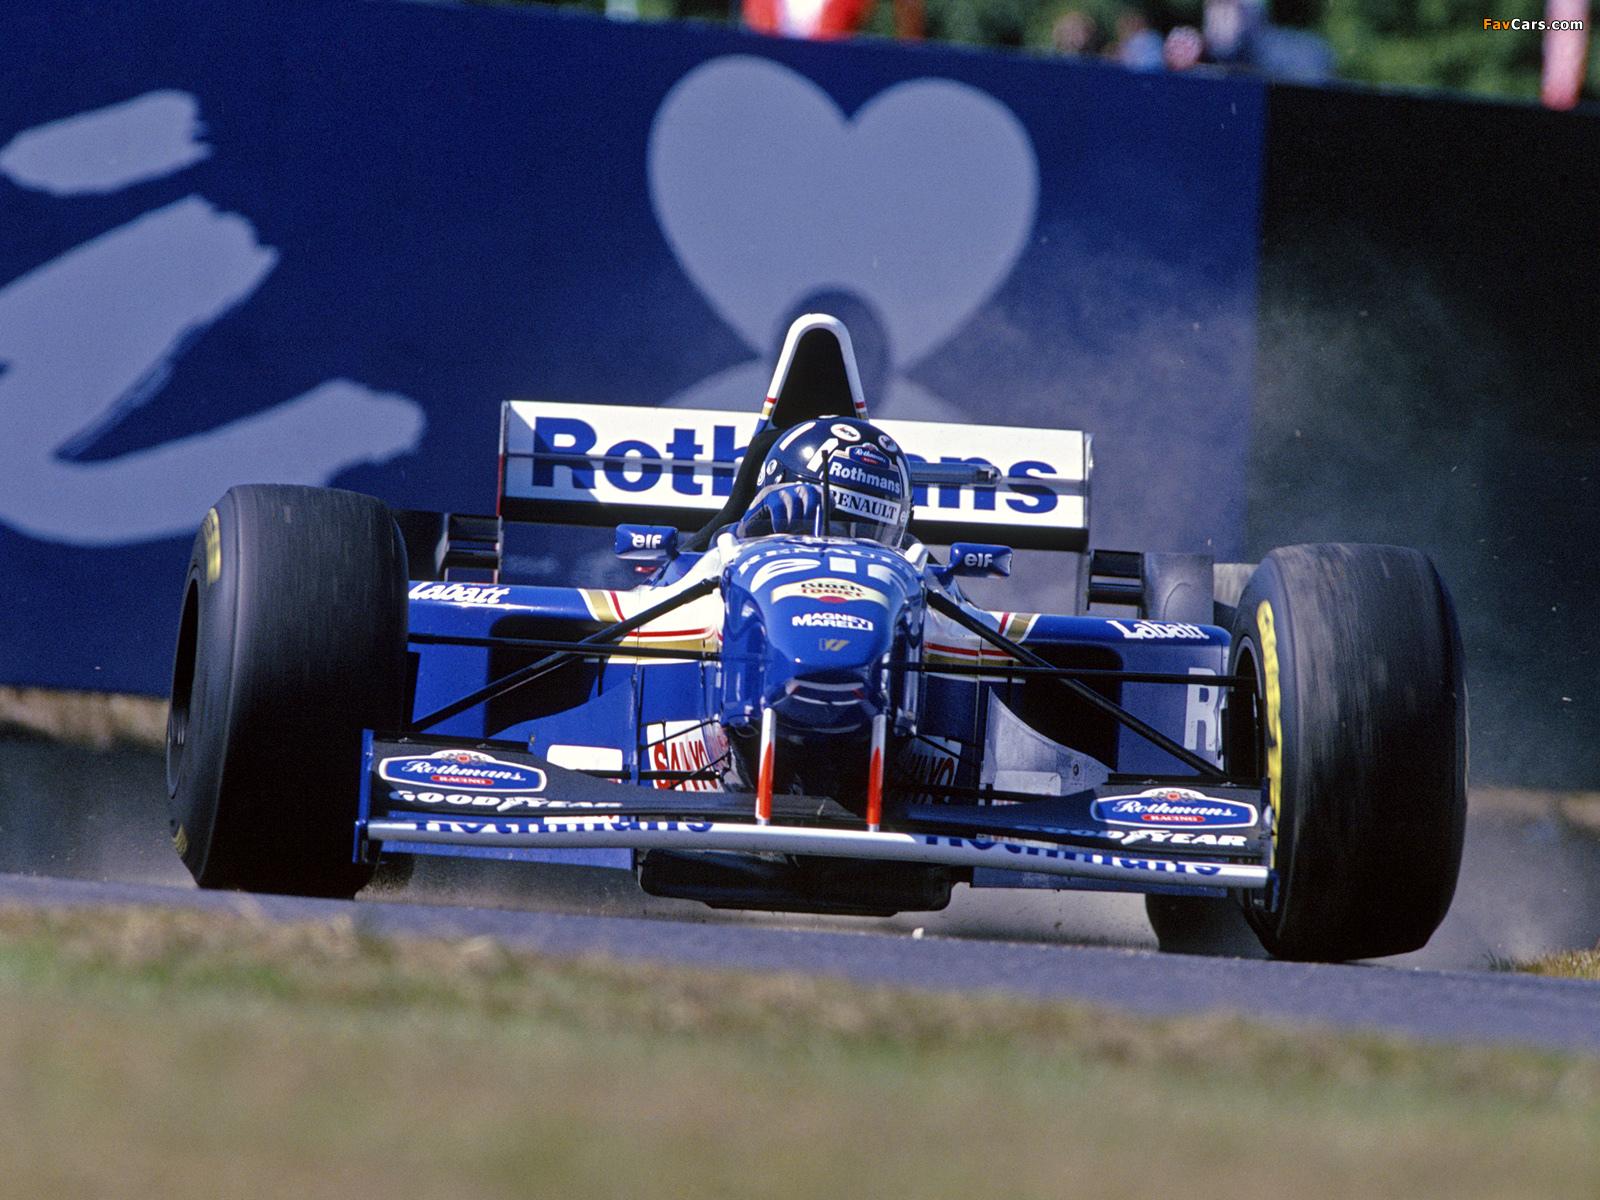 Williams Fw17 1995 Pictures 1600x1200